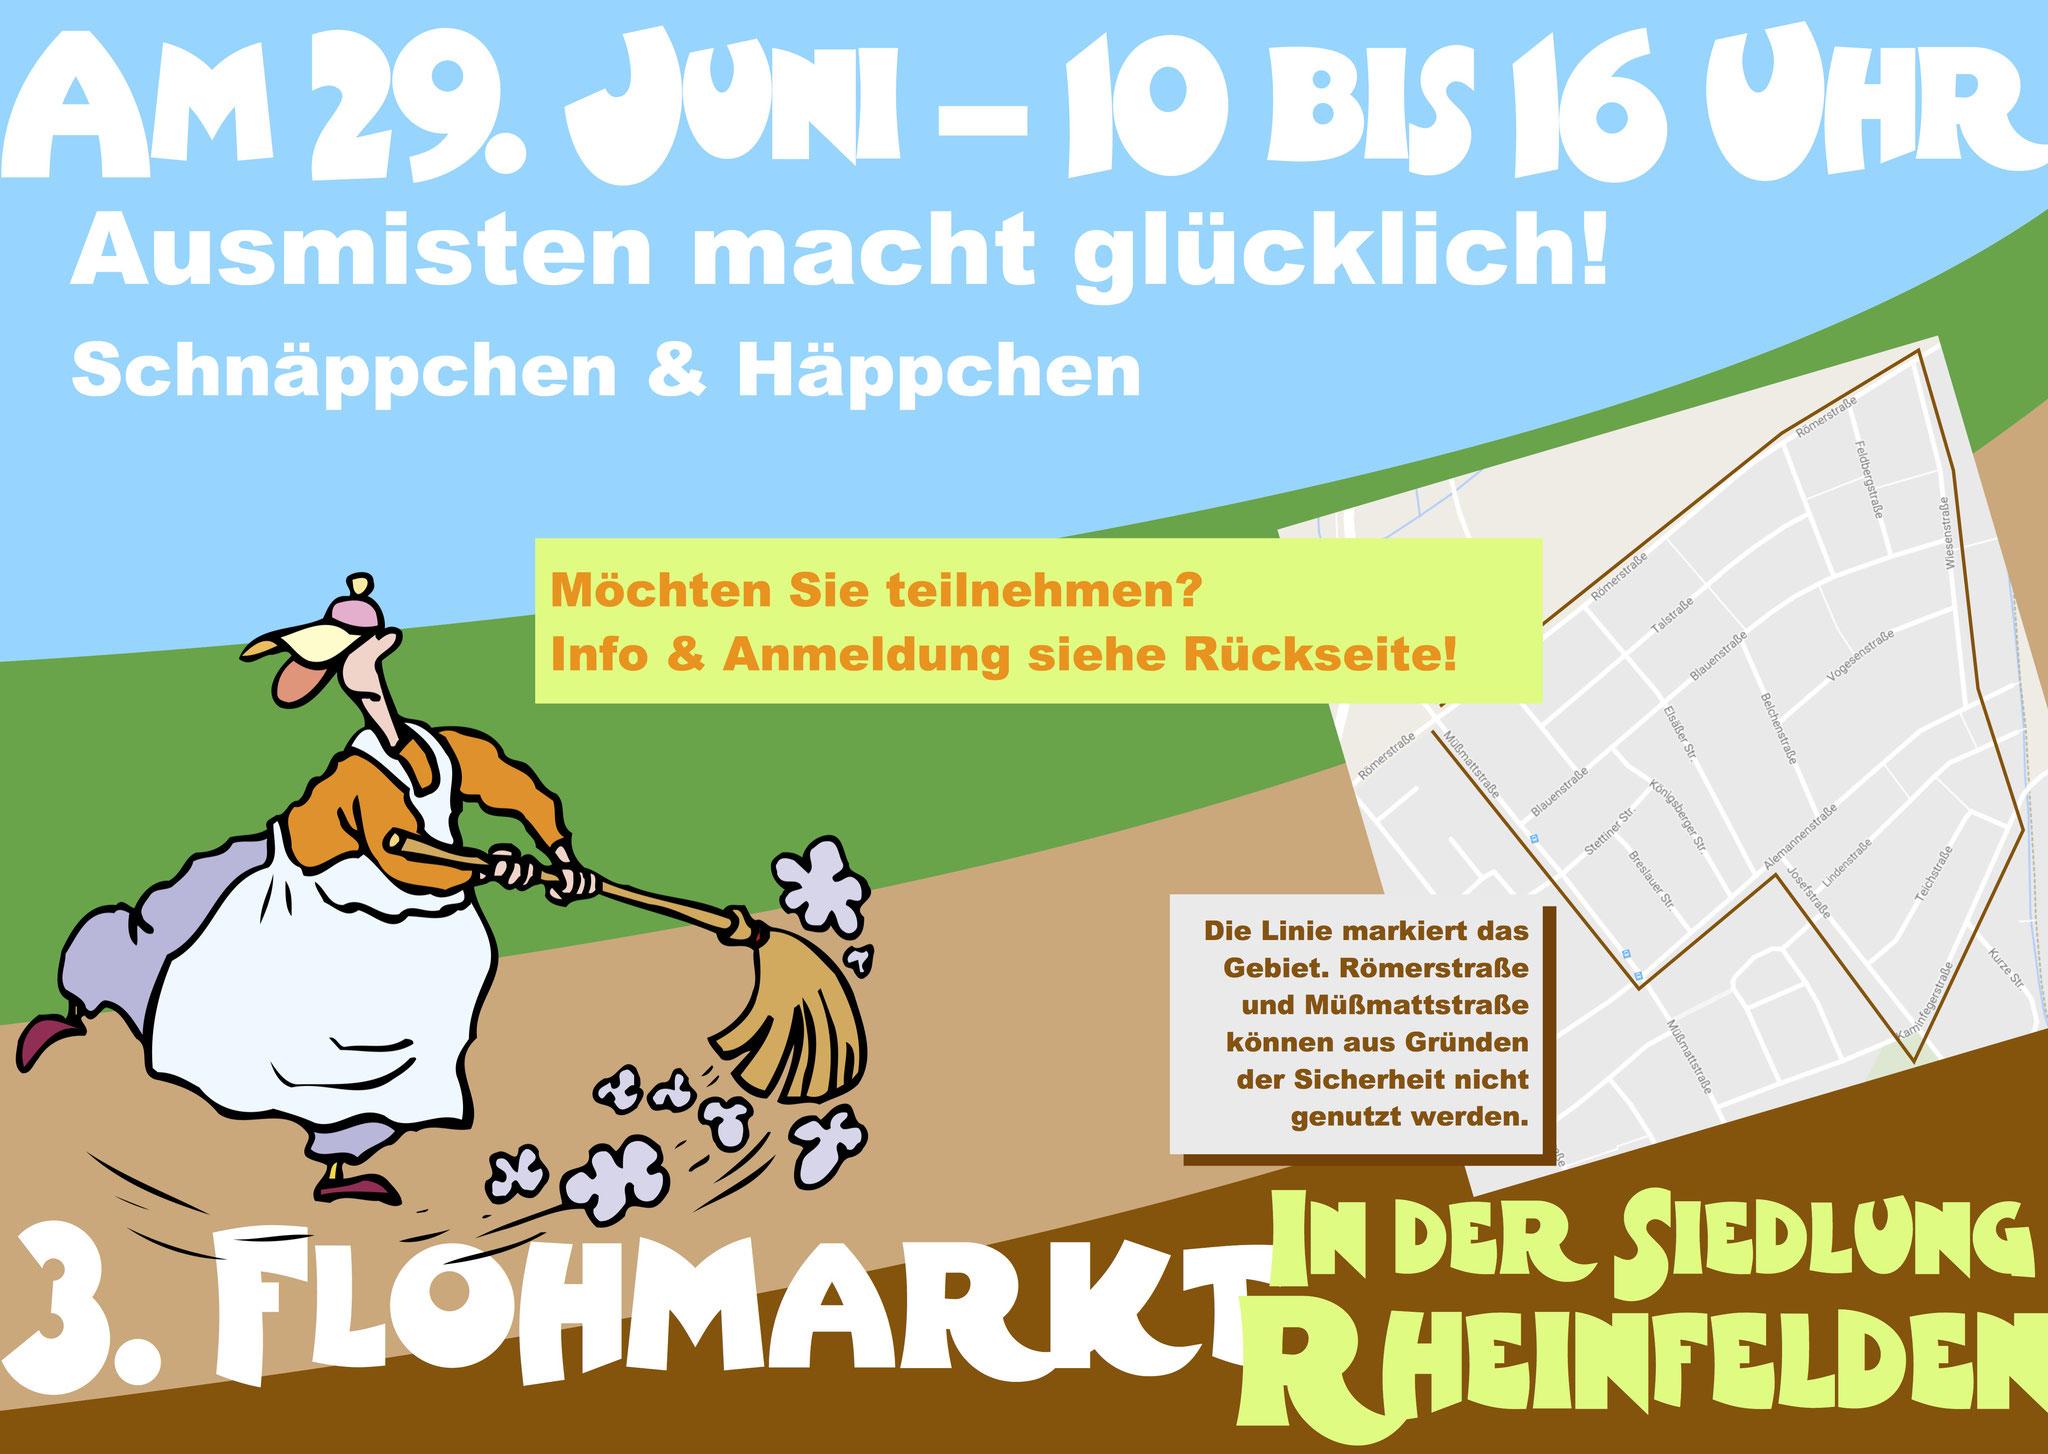 Flyer Flohmarkt in der Siedlung Rheinfelden, Siedlergemeinschaft